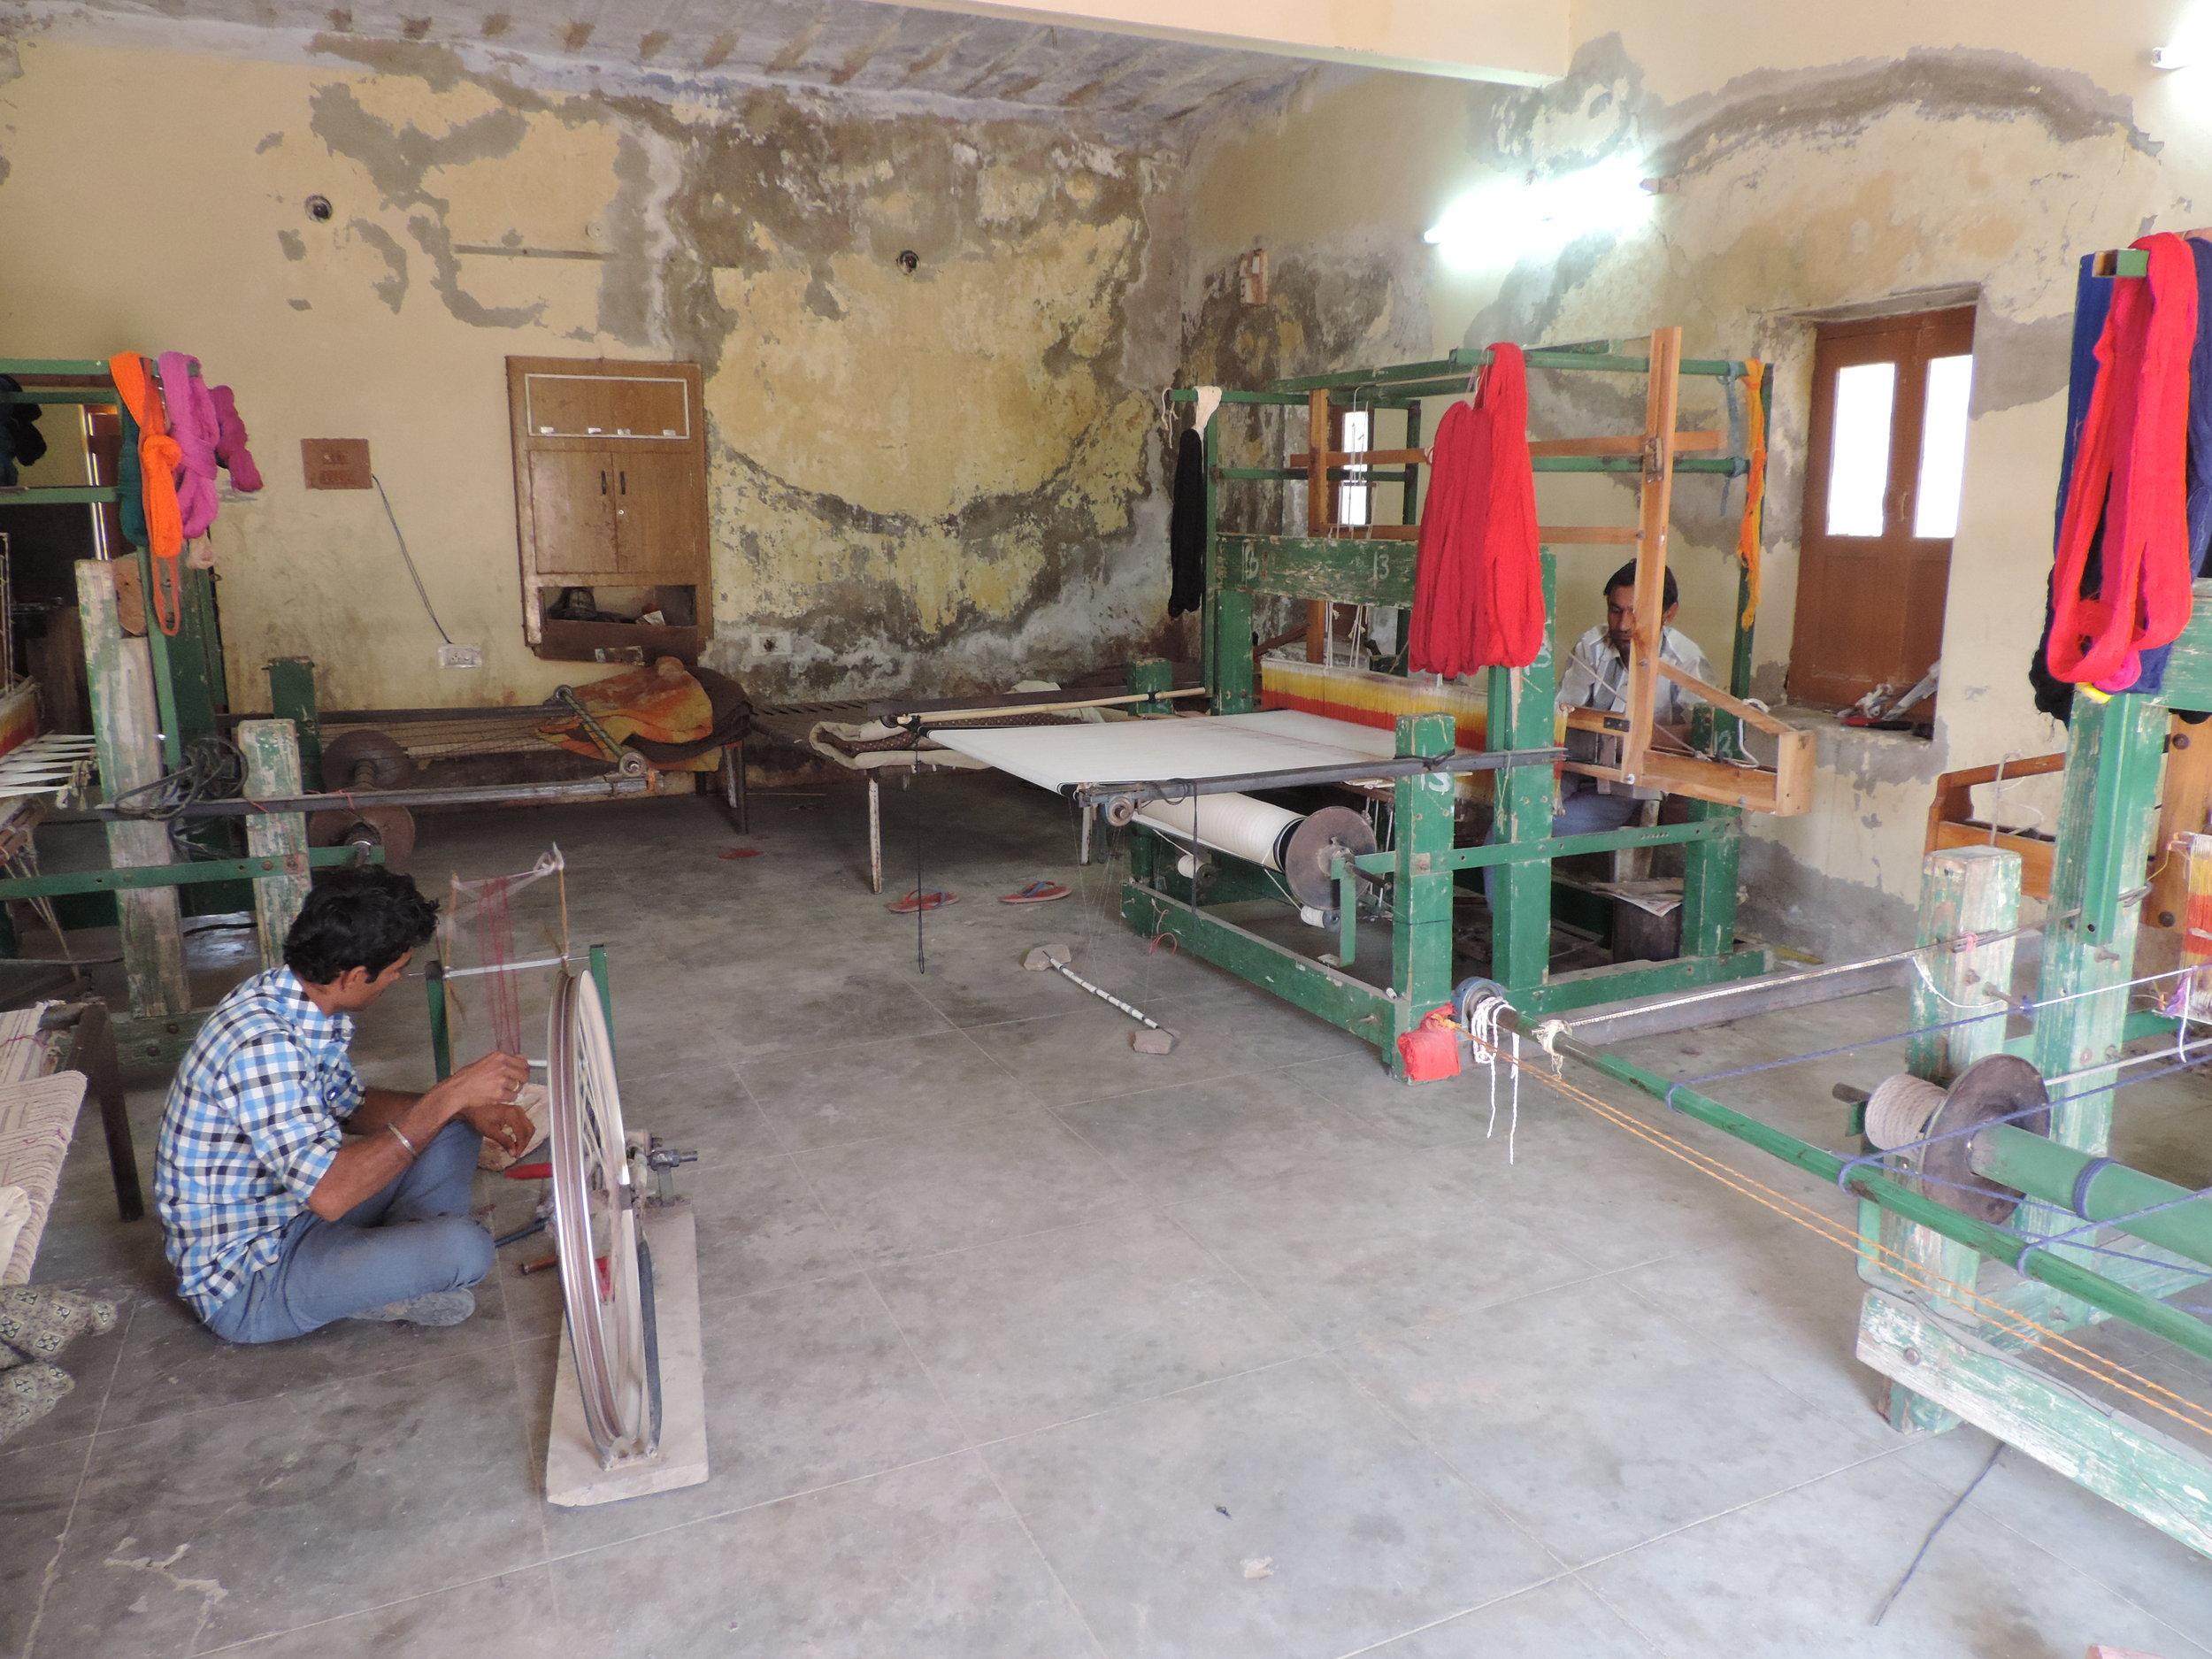 Weavers in a workshop